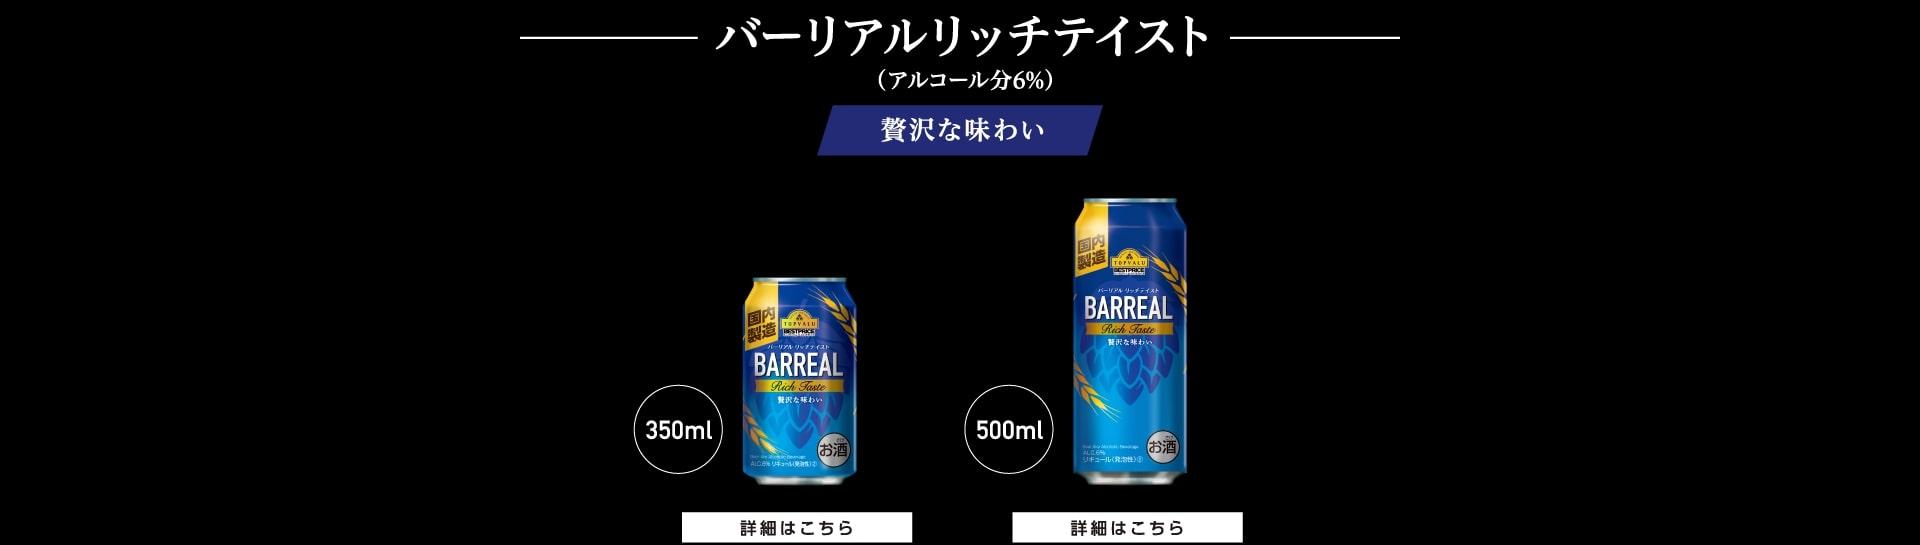 バーリアル リッチテイスト(アルコール分6%) 贅沢な味わい